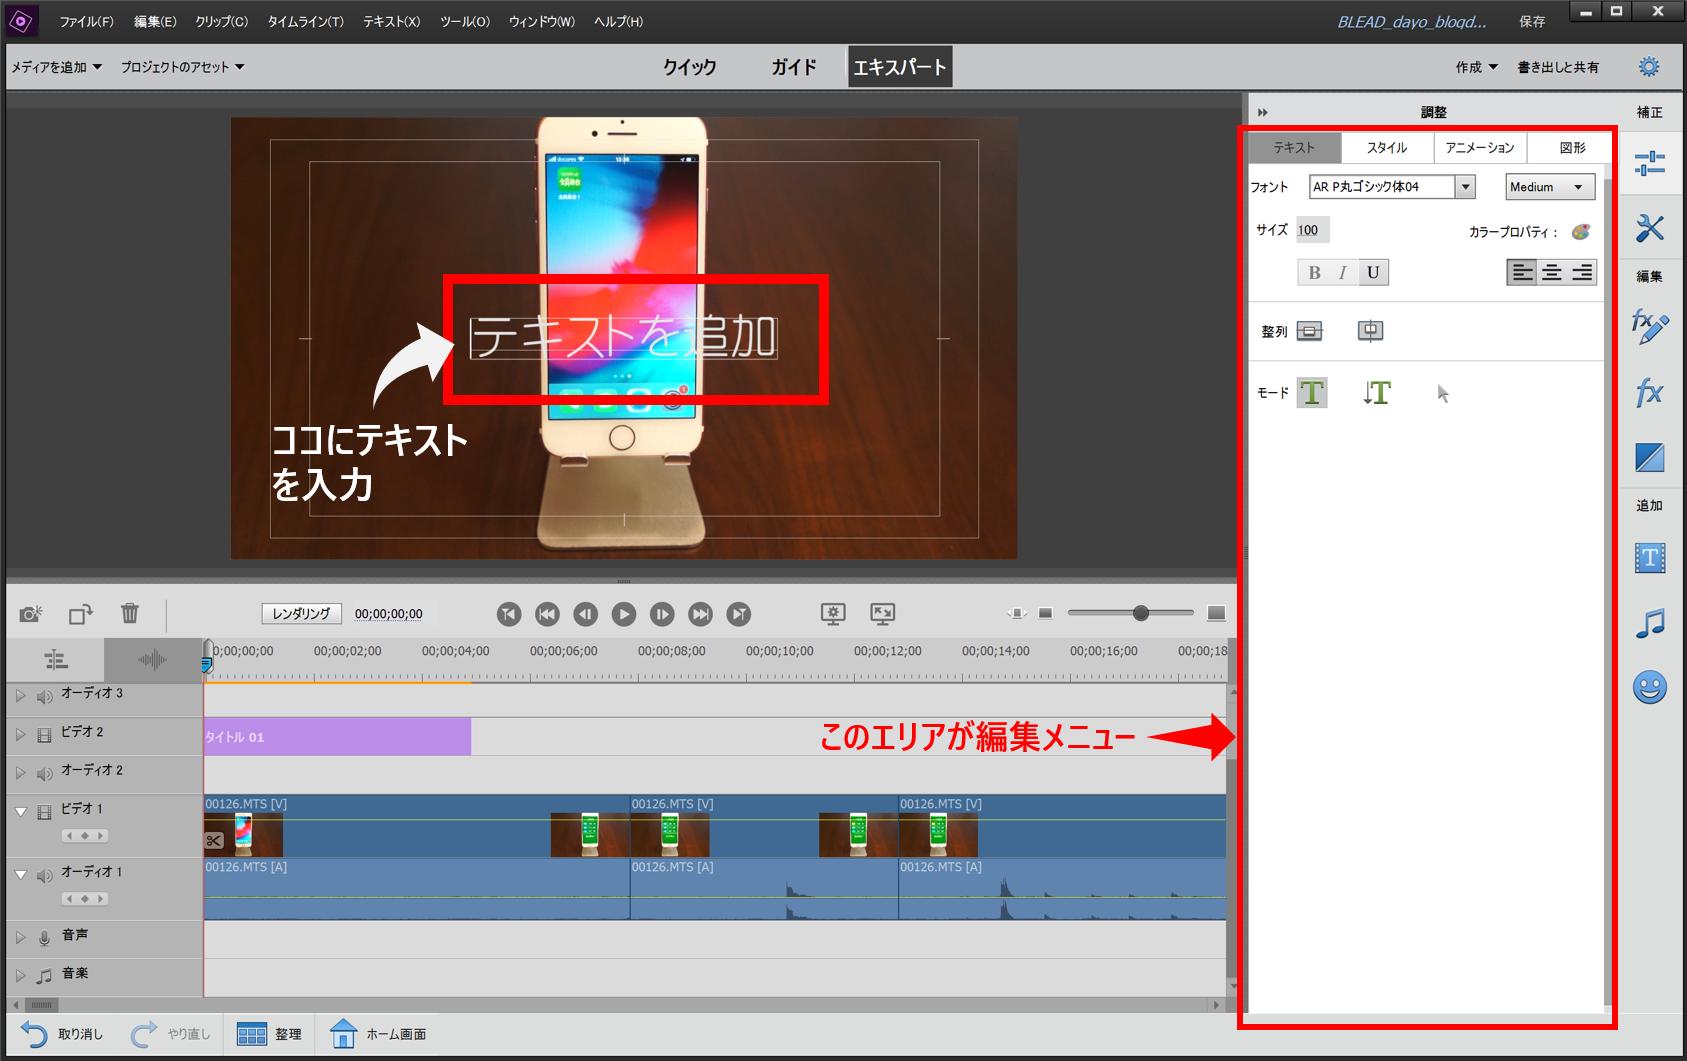 テキスト入力ができるようになった画面。右側には編集メニューが表示されている。